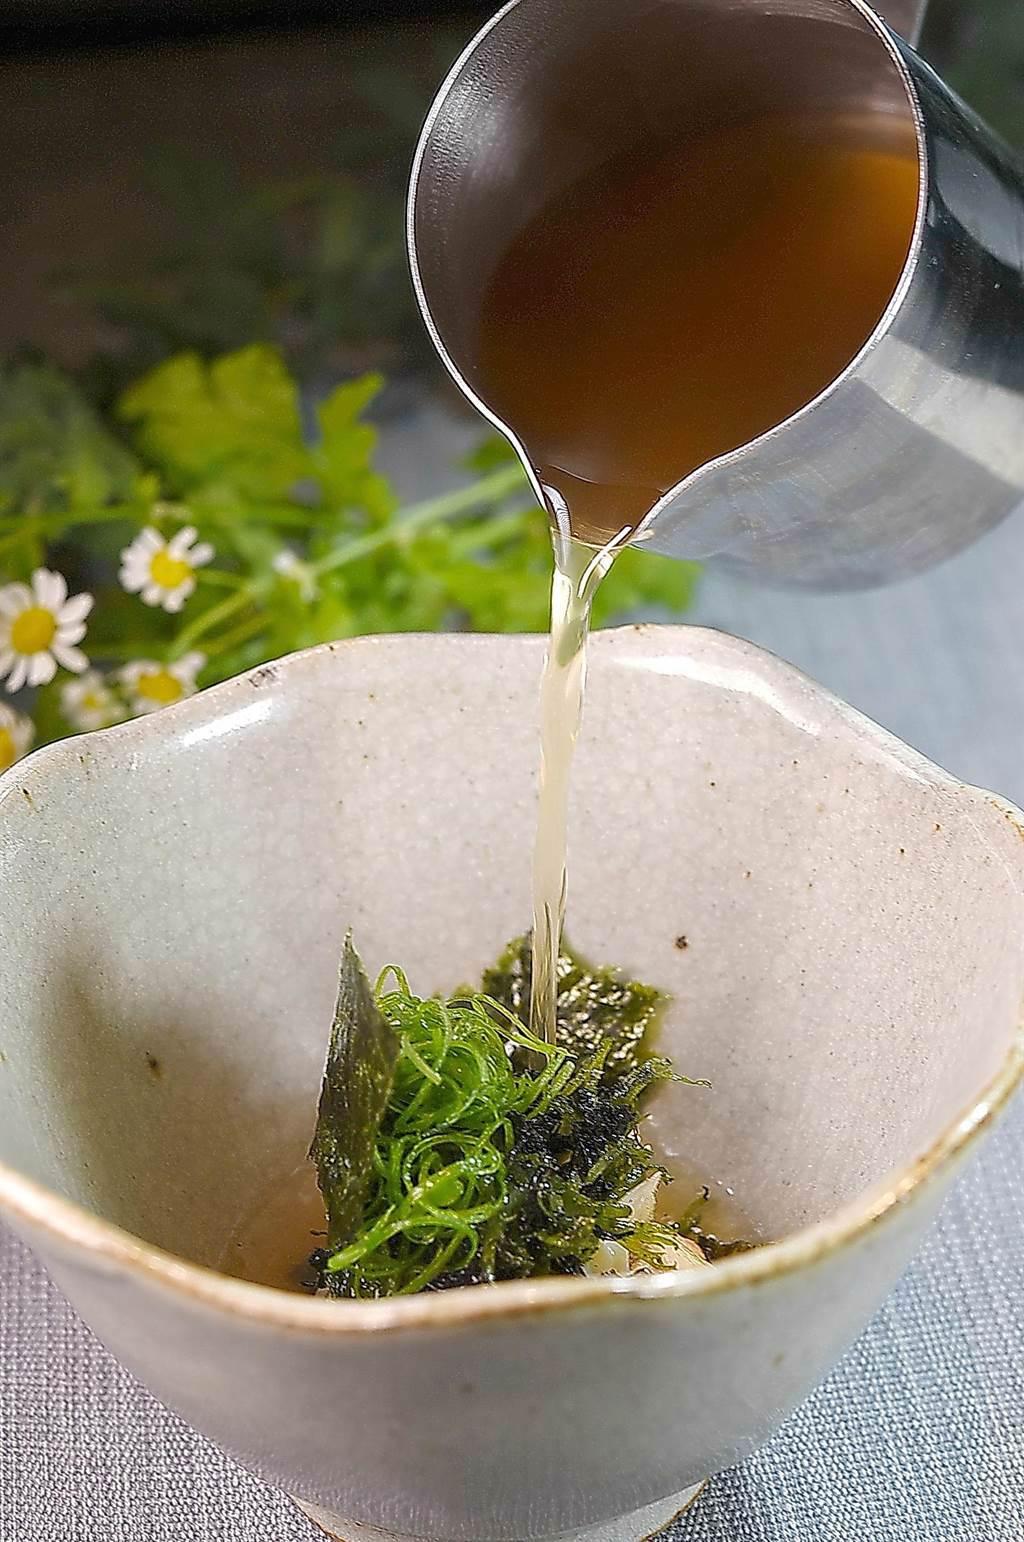 〈holt〉餐廳主廚Jeffrey Downs演繹的〈番茄澄清湯.鴨肝.鮑魚〉,湯汁是將番茄打成汁後煮滾再過濾萃取,自然酸甜中帶有微微煙燻風味。(圖/姚舜)